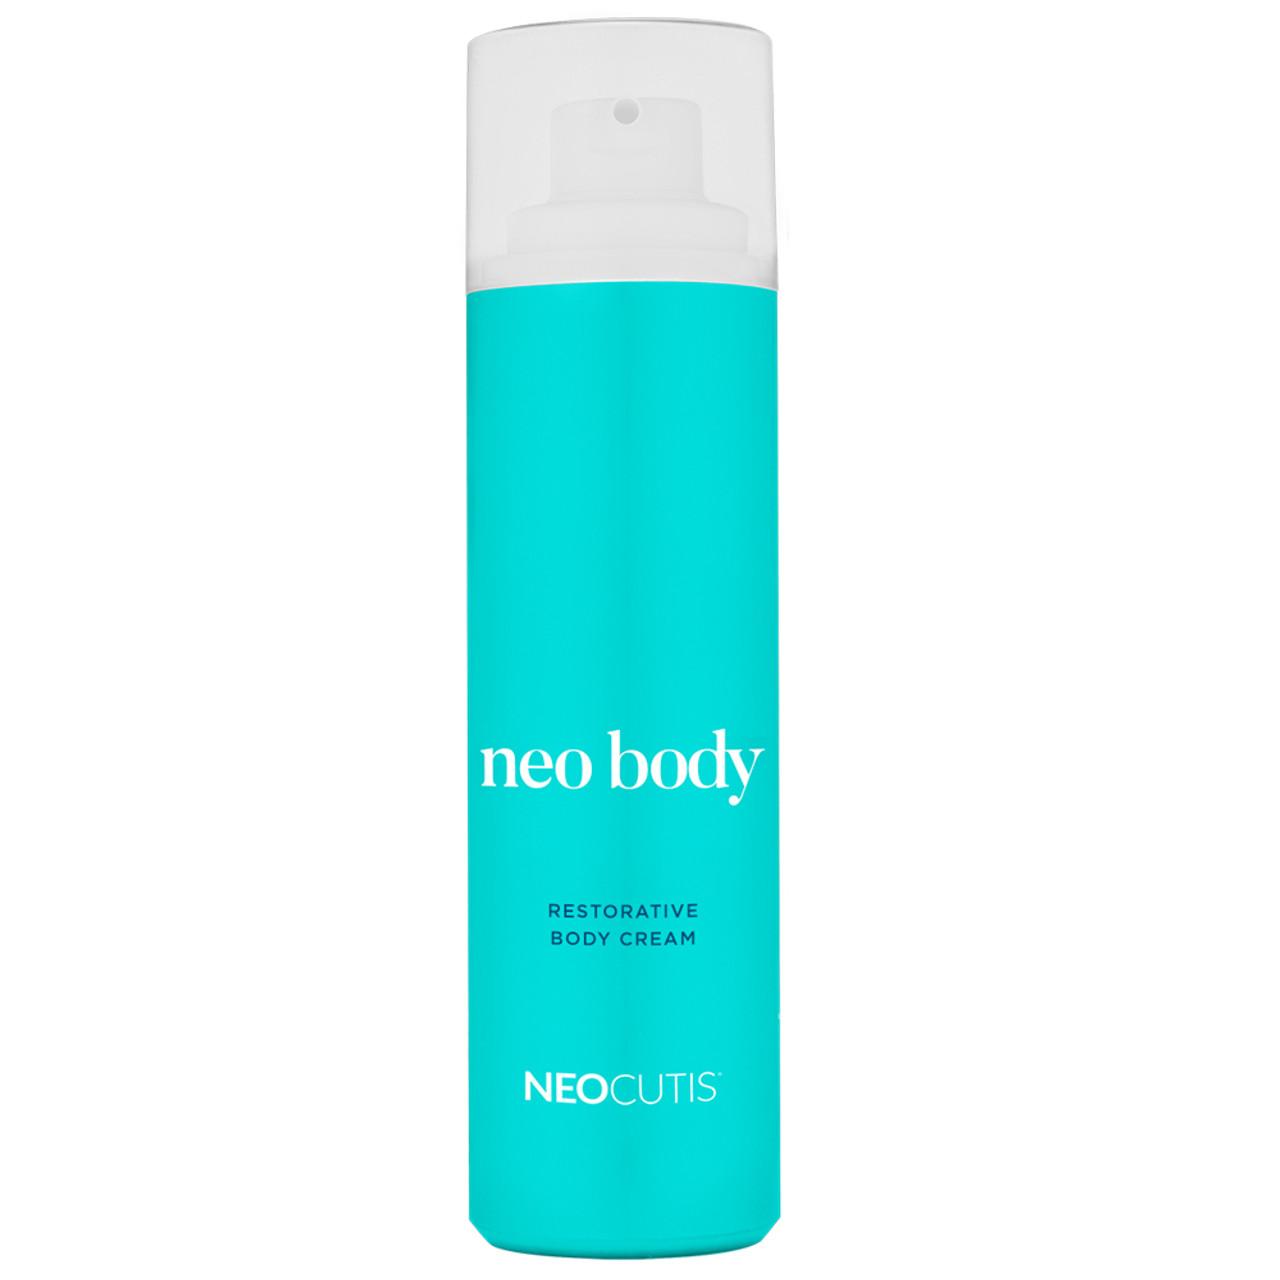 Neocutis Neo Body Restorative Body Cream BeautifiedYou.com